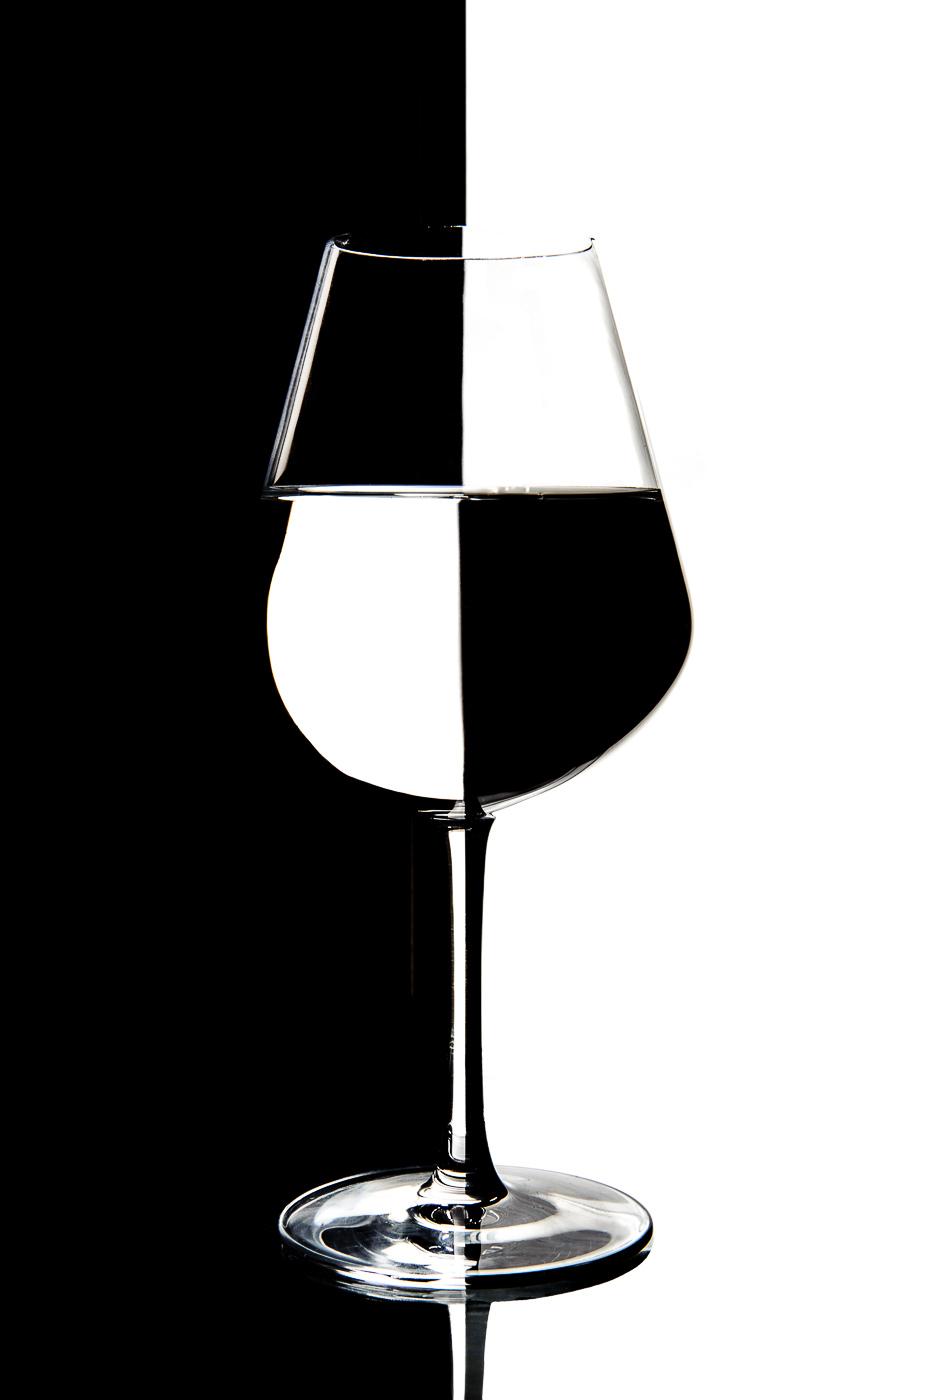 Essais sur le verre en fond clair lignes sombres.